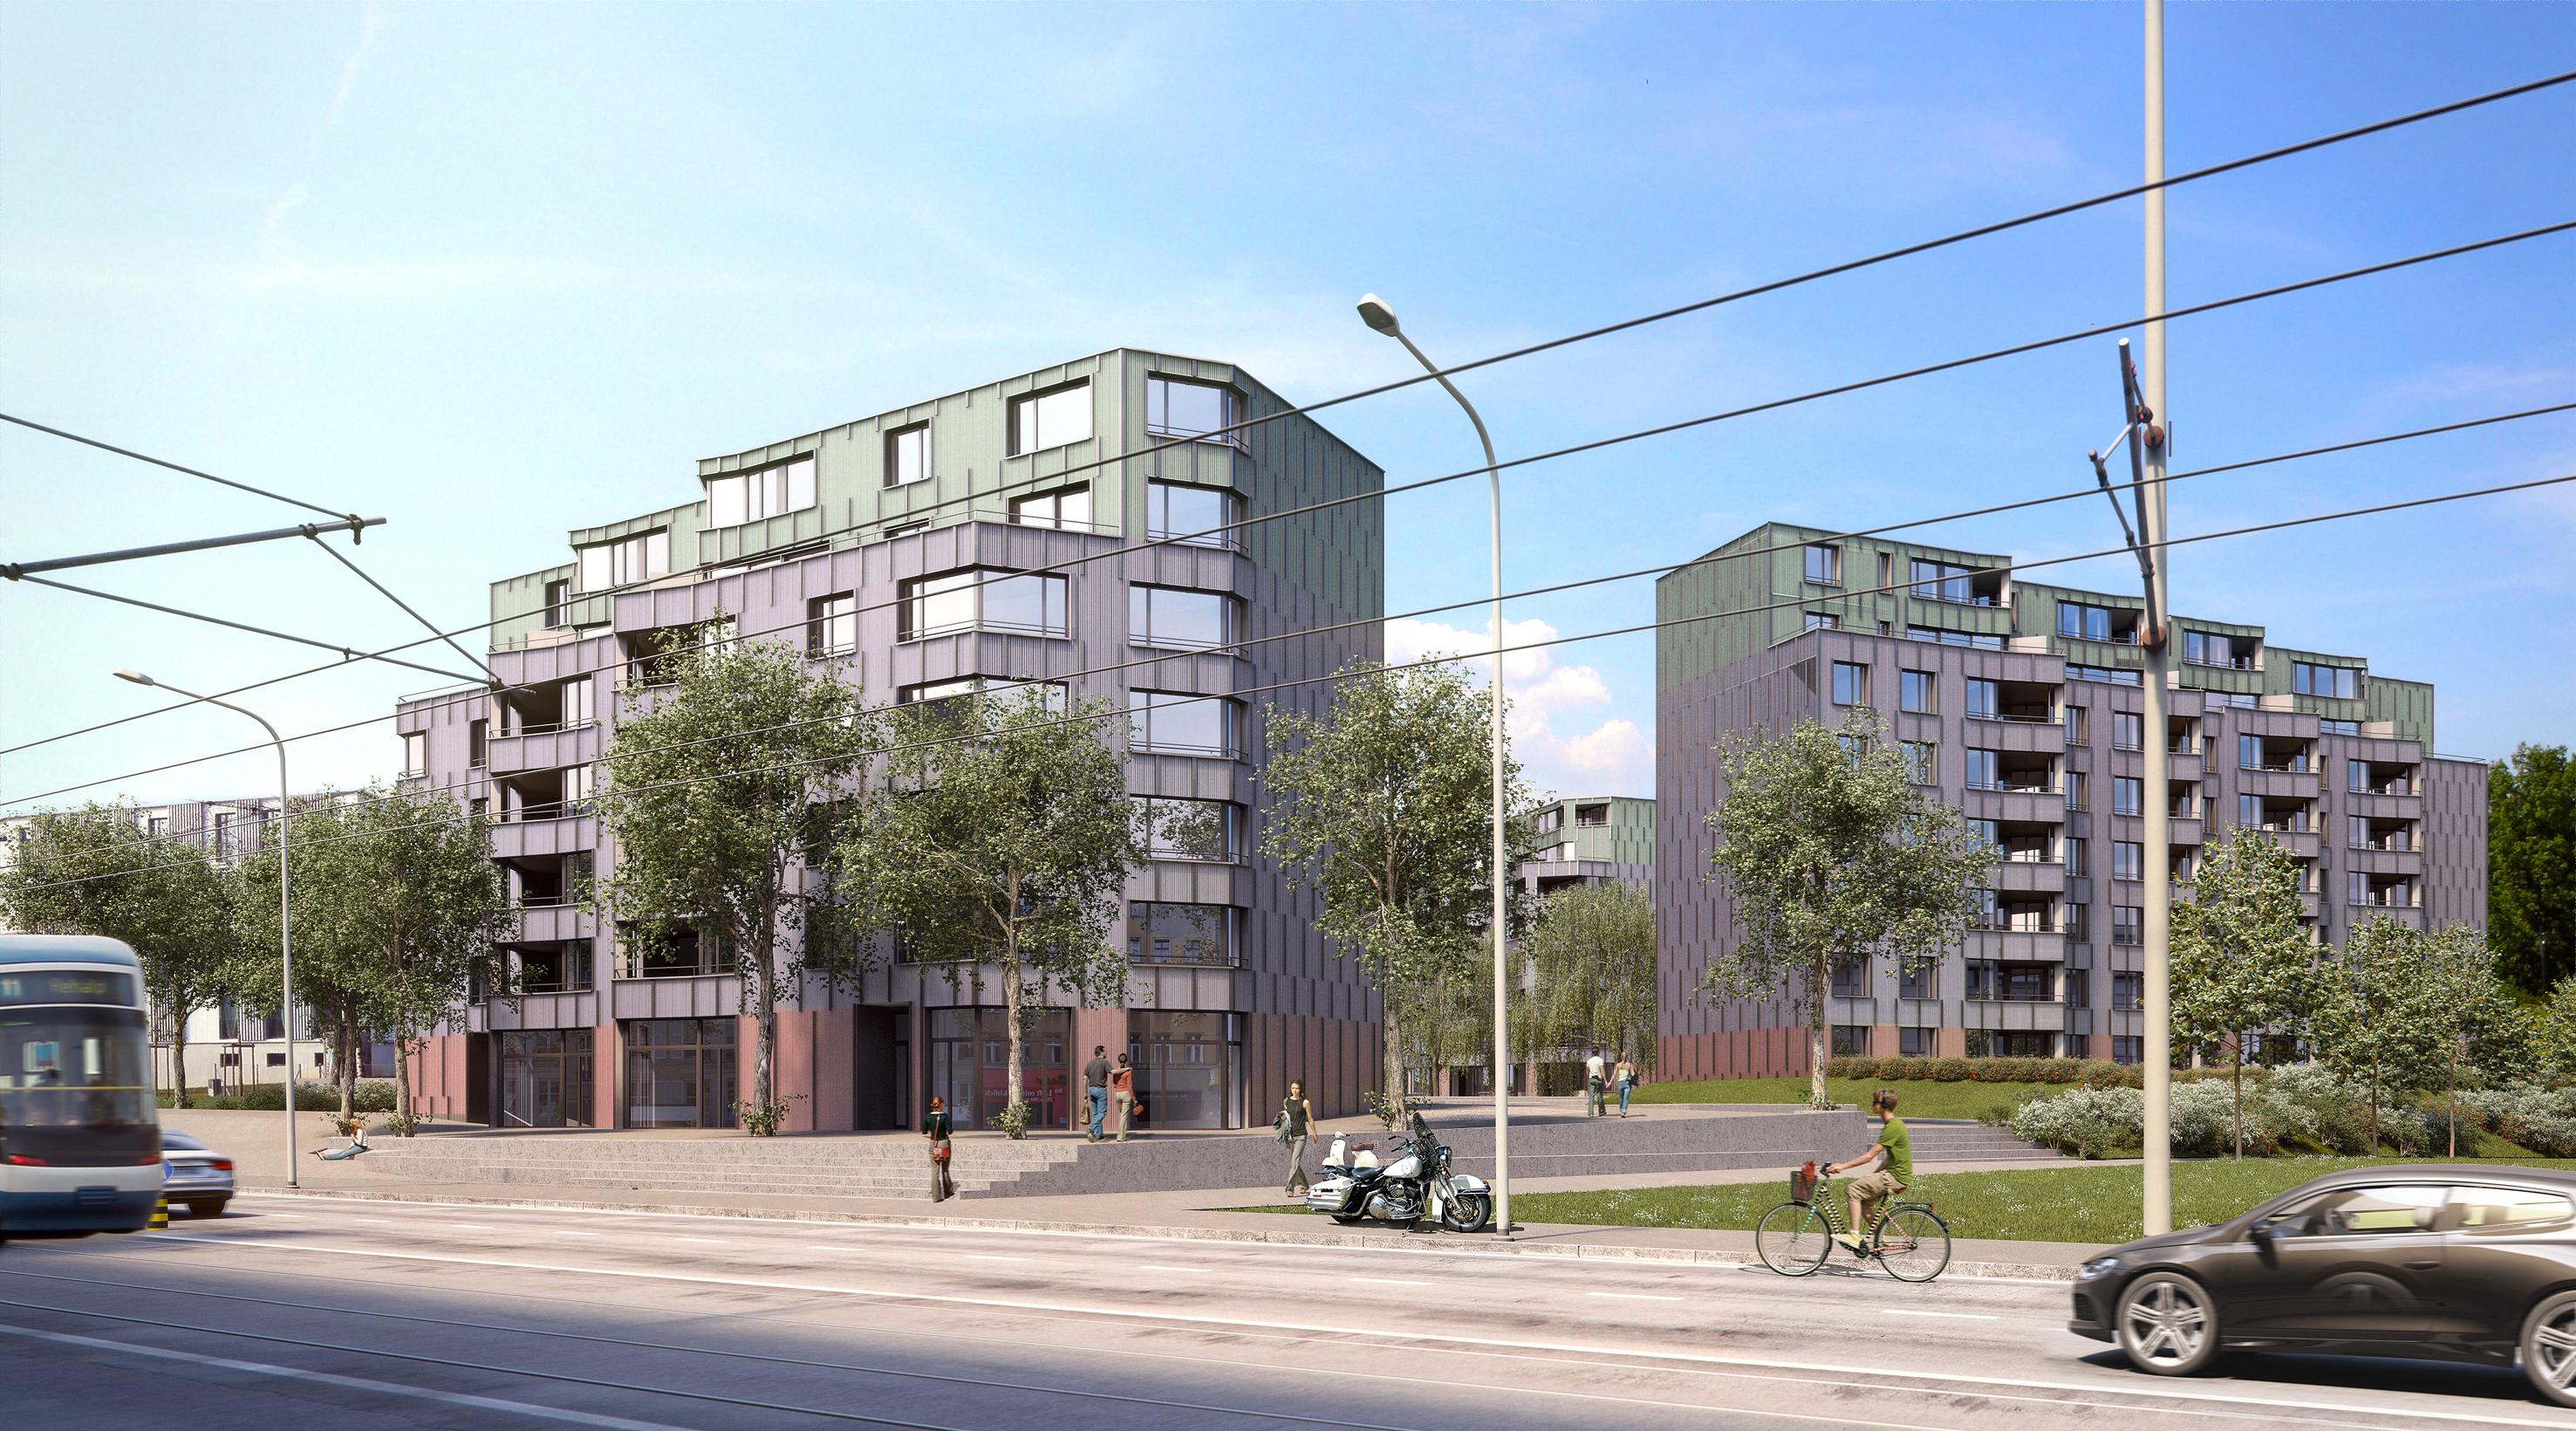 Immobilienmarkt schweiz wohnen for Billige wohnungen